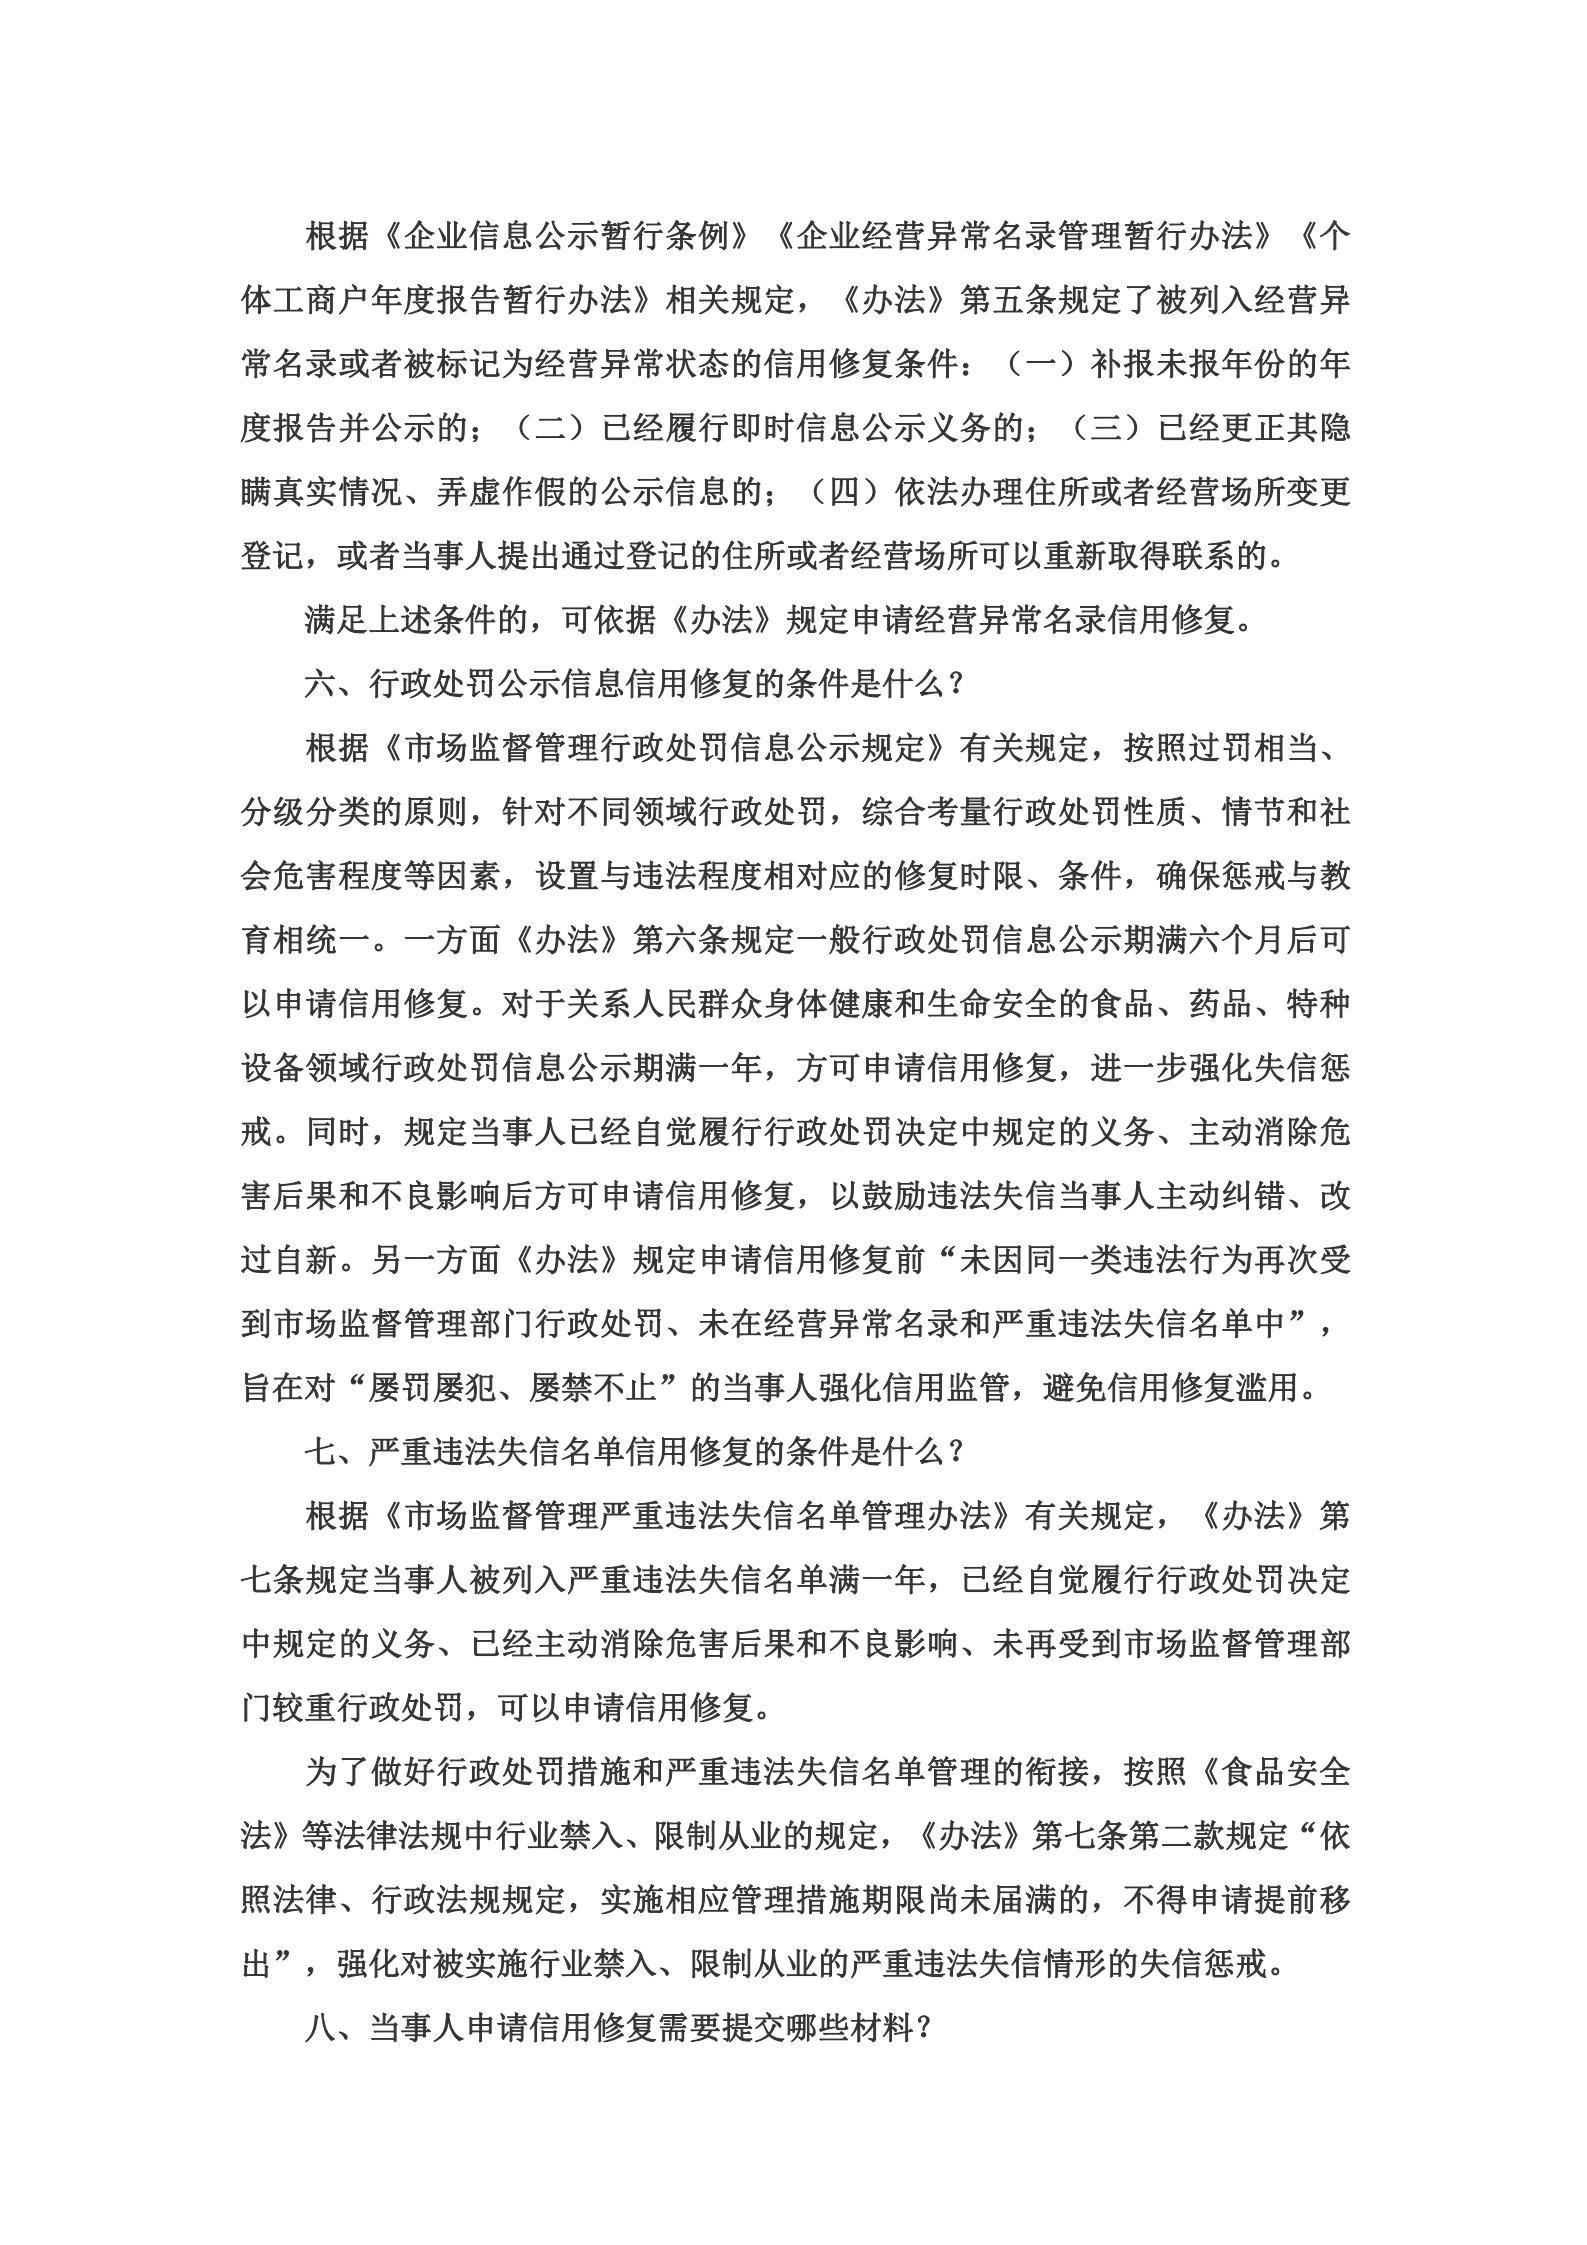 新建 DOC 文档_02.jpg